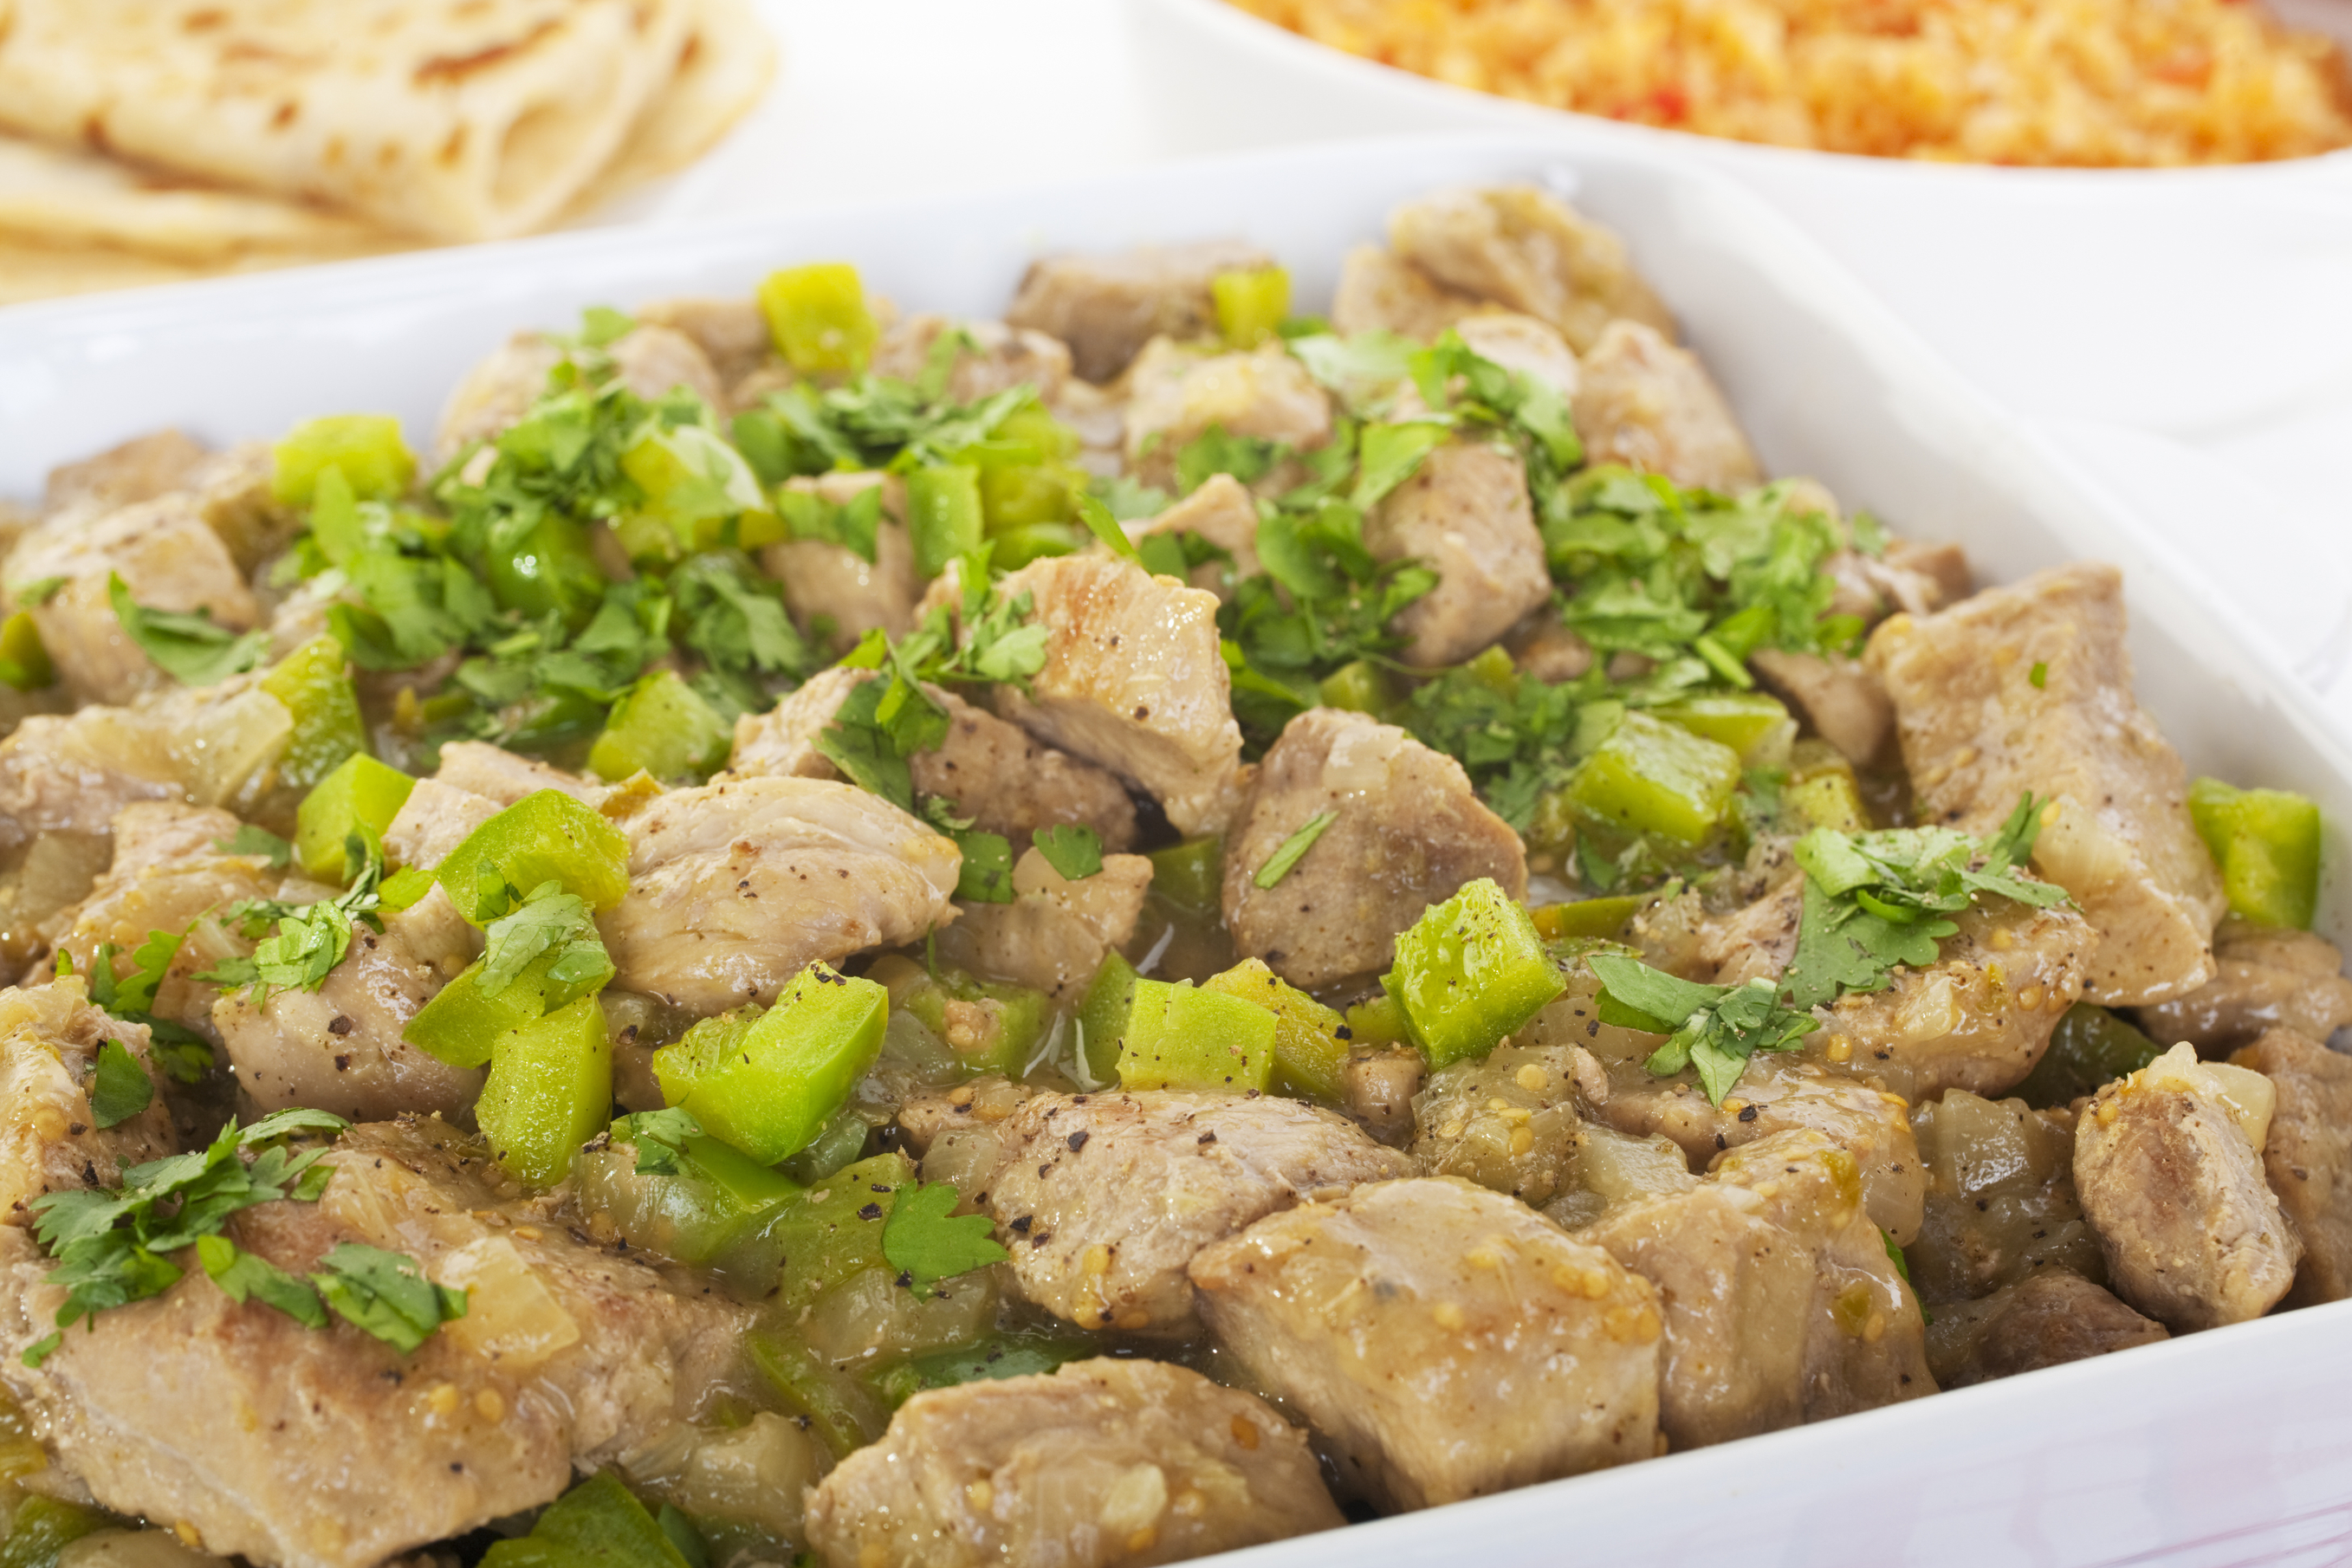 Recipe for pork green chili sauce